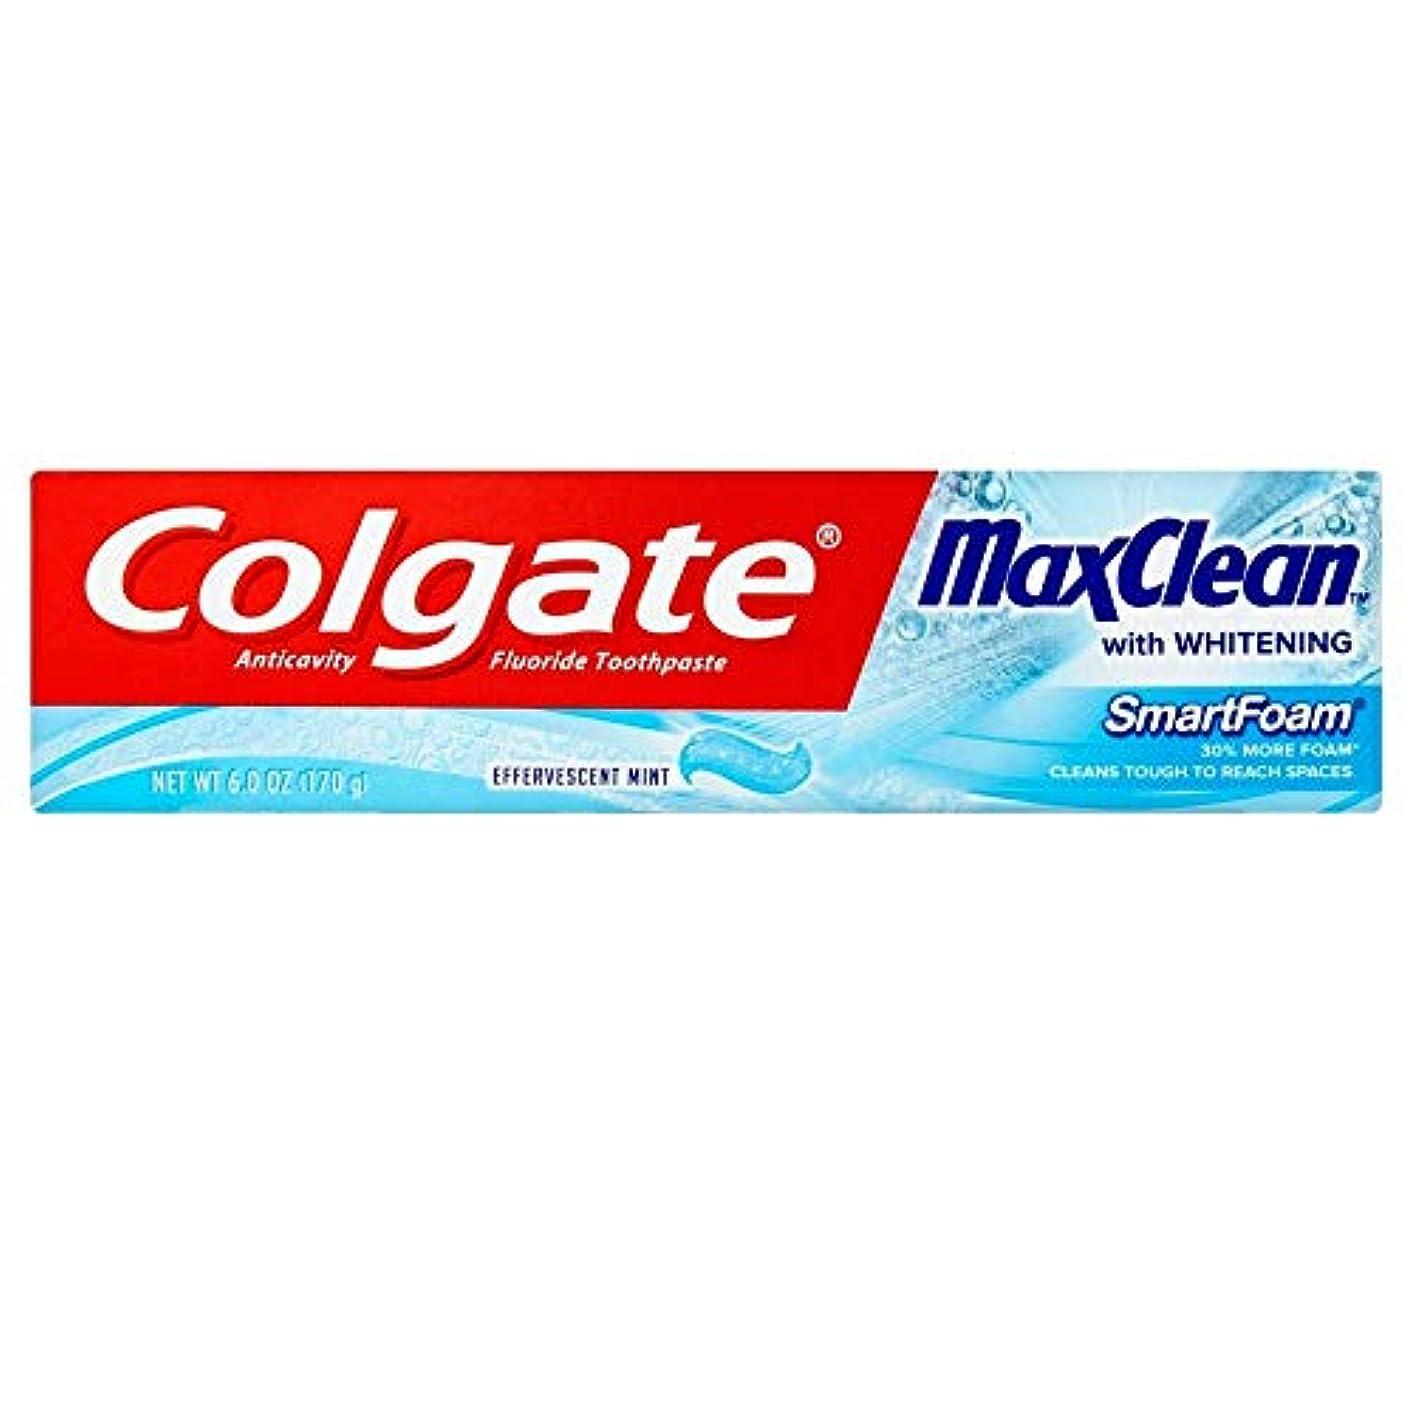 Colgate ホワイトニング歯磨き、発泡ミント6オンスMaxclean SMARTFOAM(3パック) 3パック